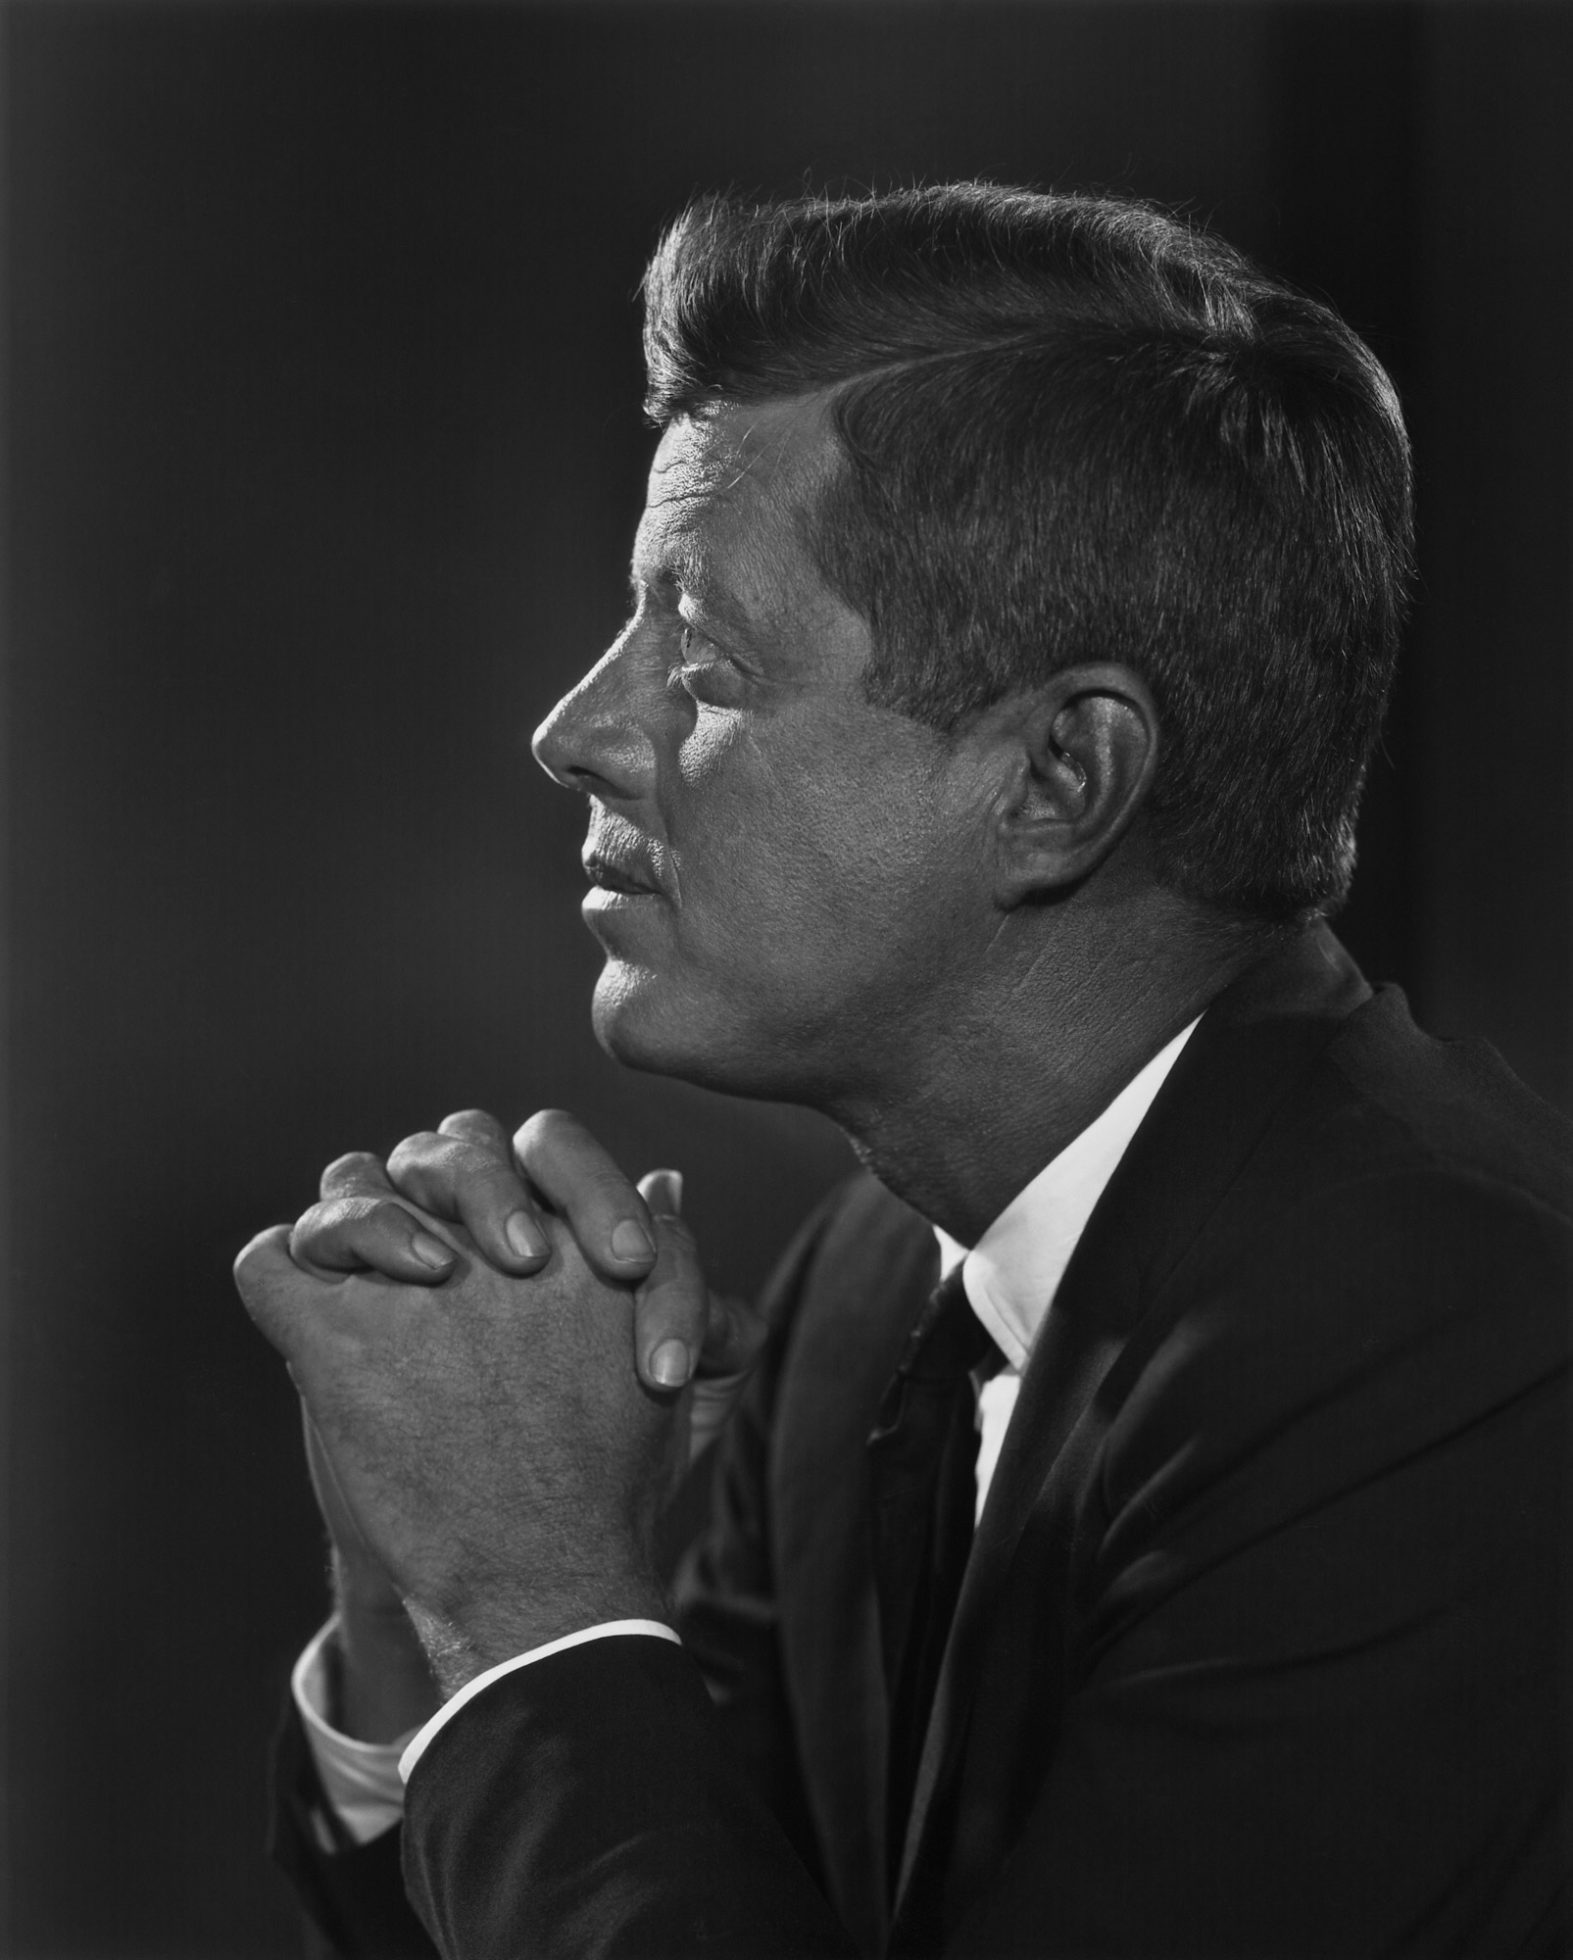 Jacques Lowe, Senator John F. Kennedy, Portrait, Hyannis